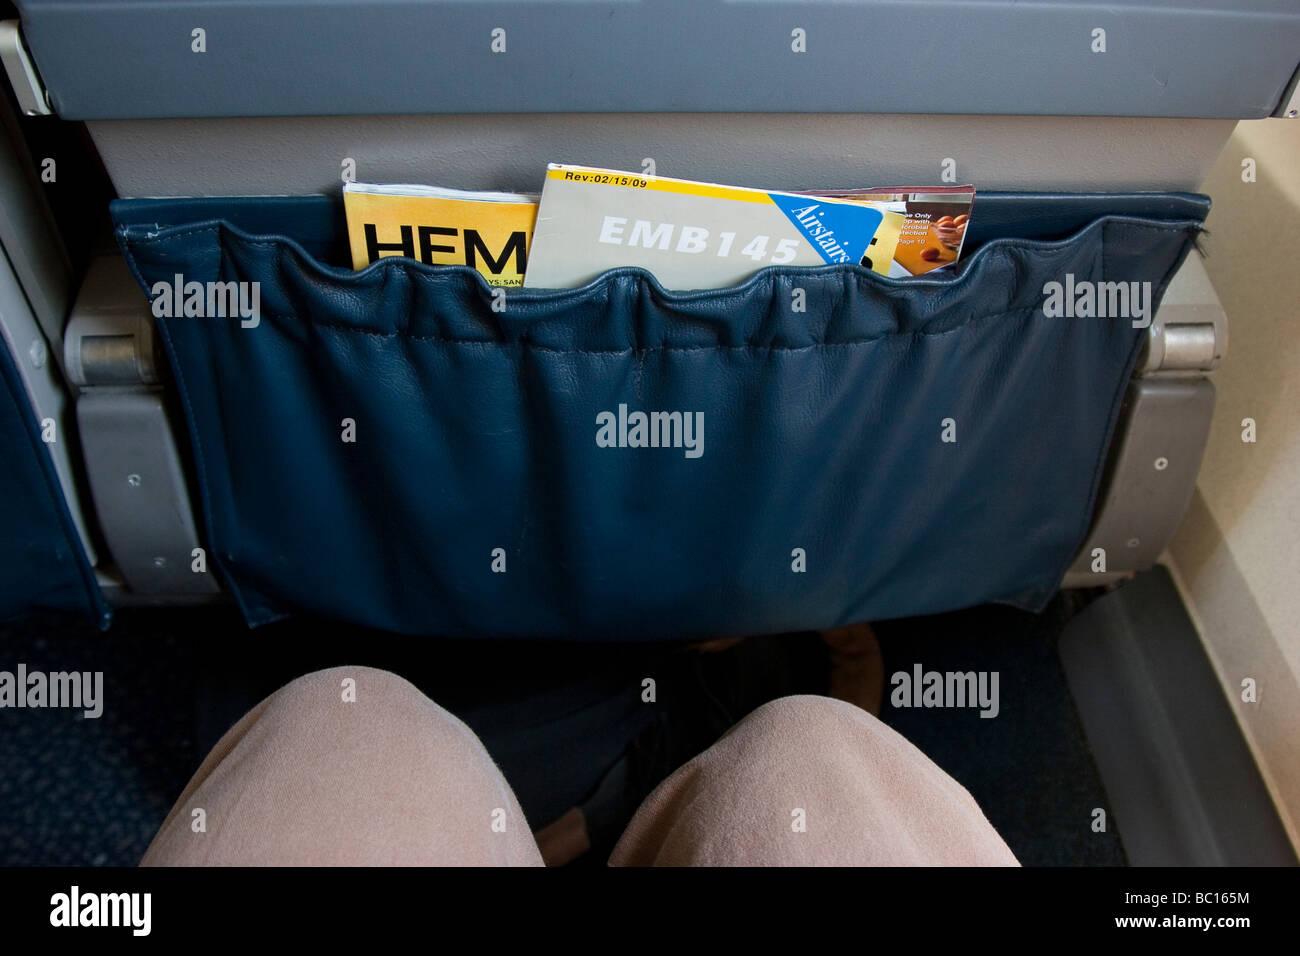 Falta de pierna-habitación en avión asiento economía Imagen De Stock